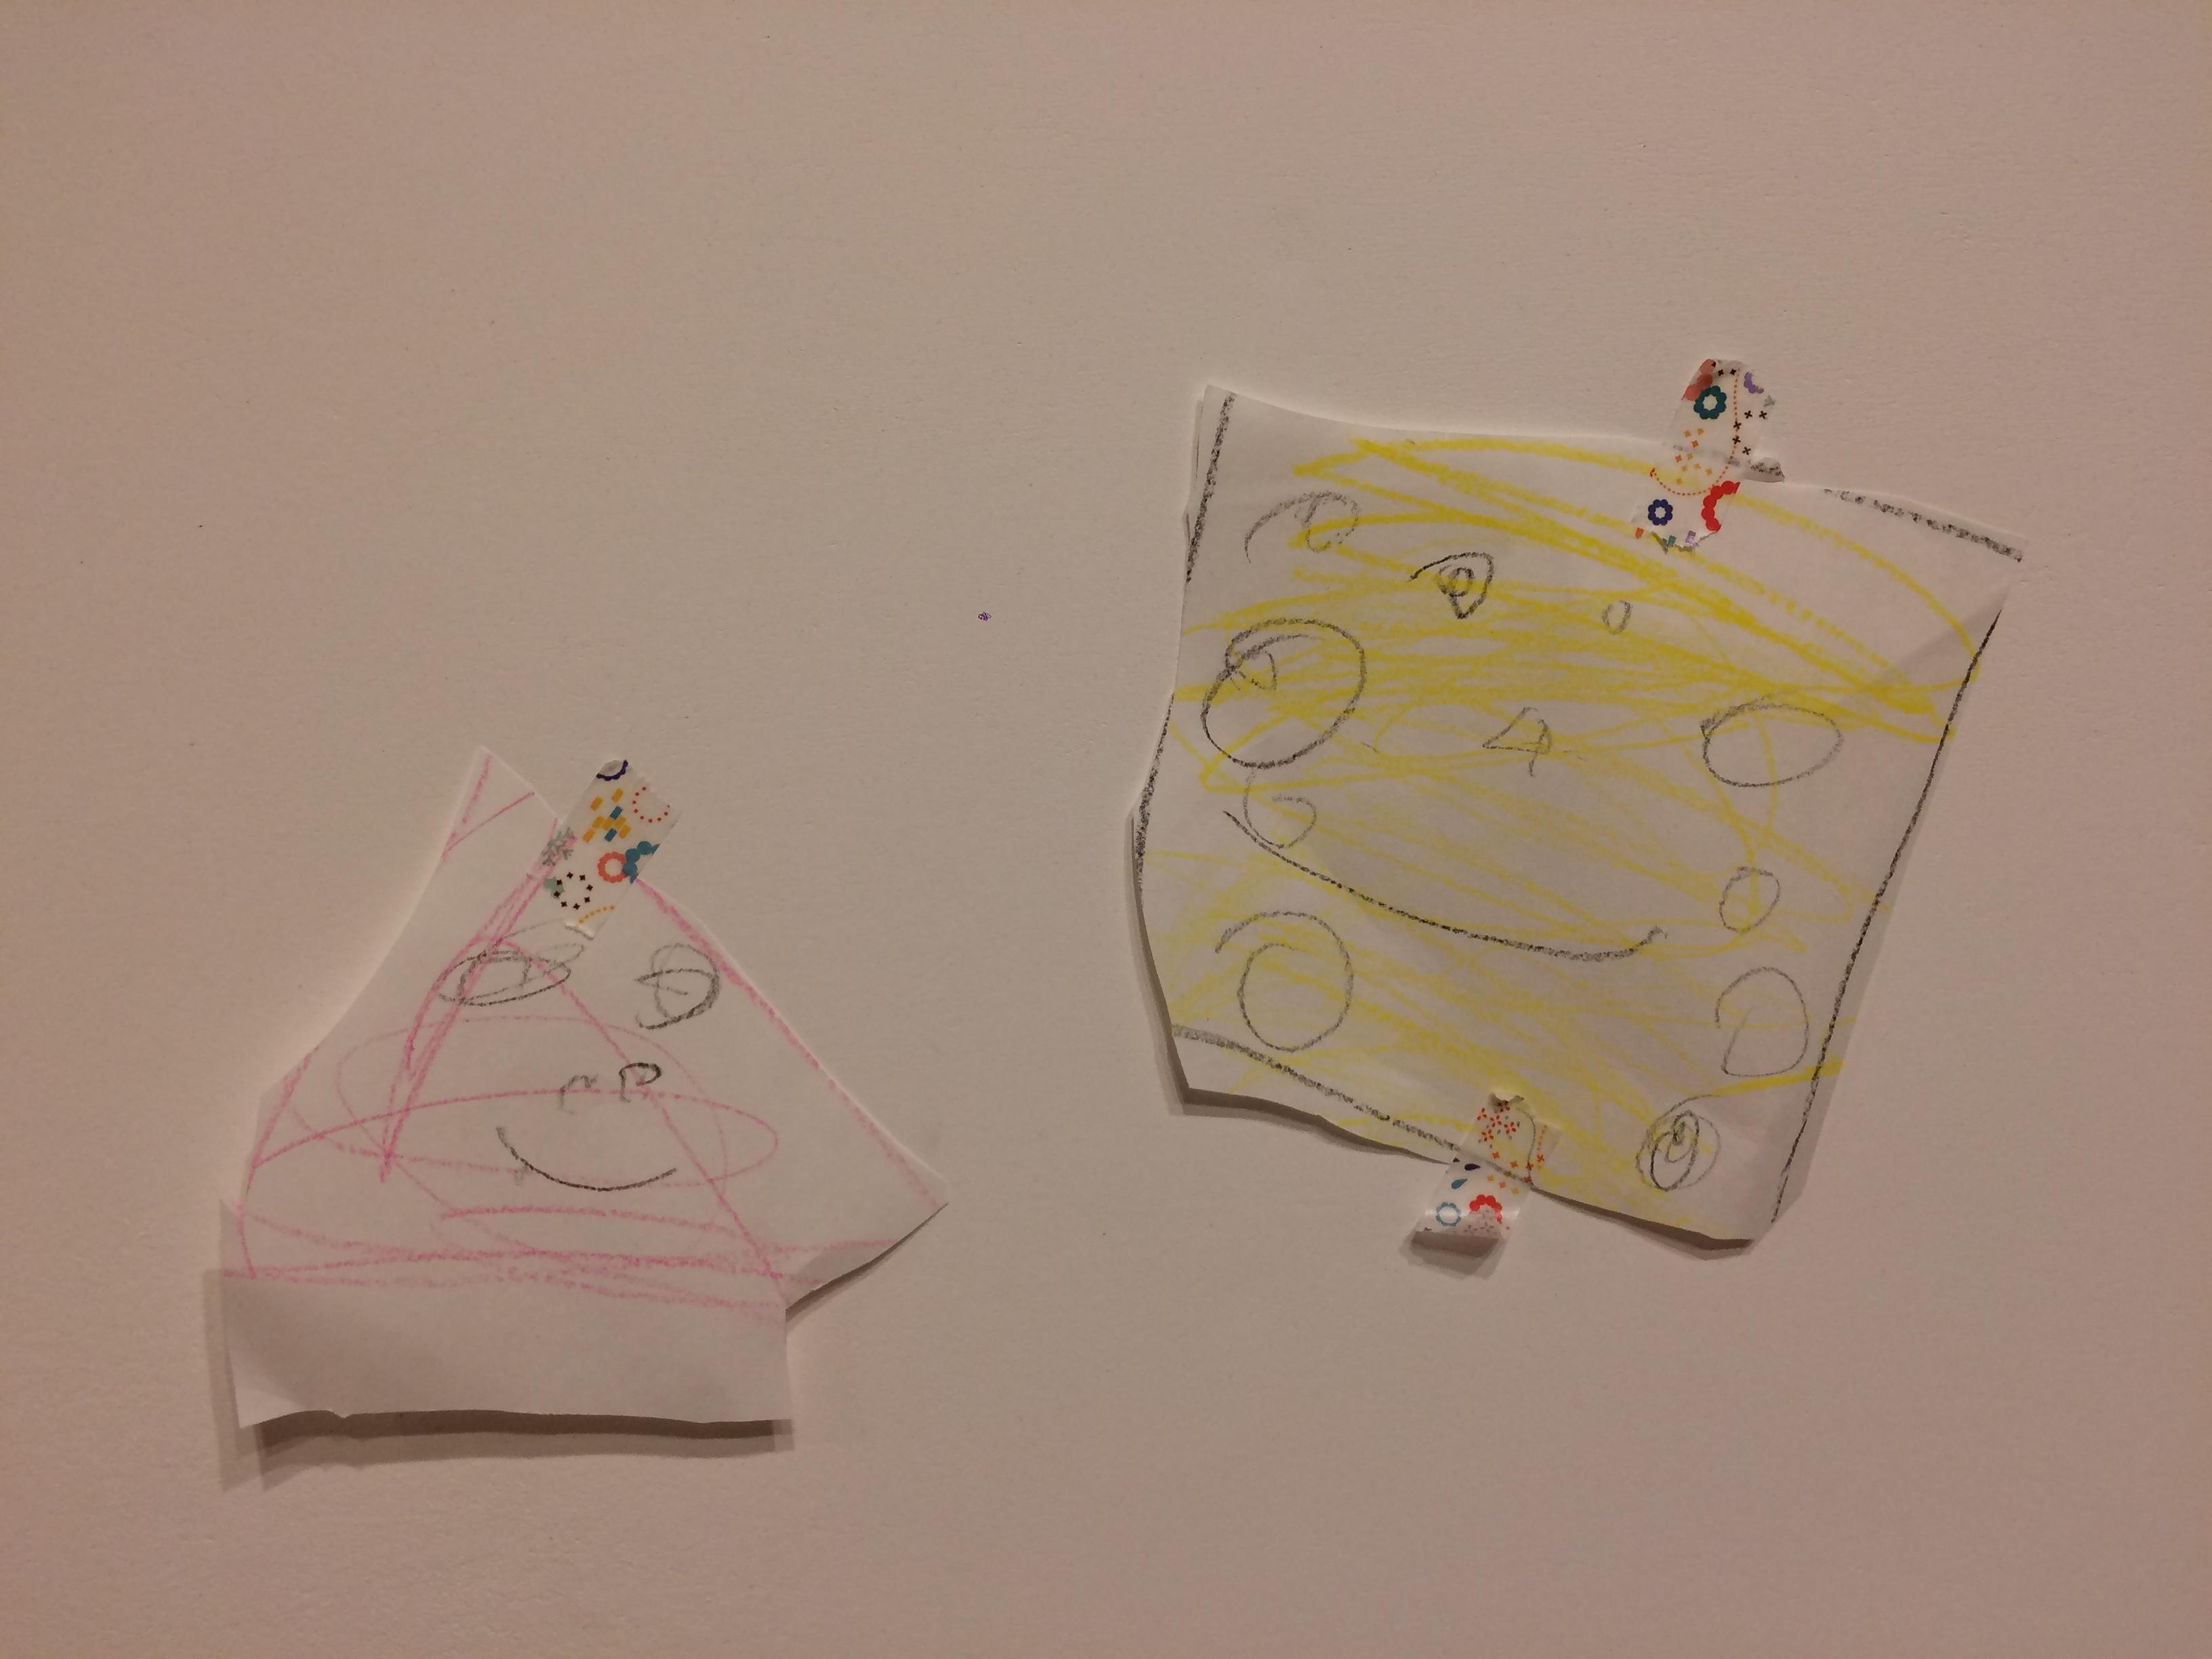 5歳前半で息子が描いたもの作ったもの。